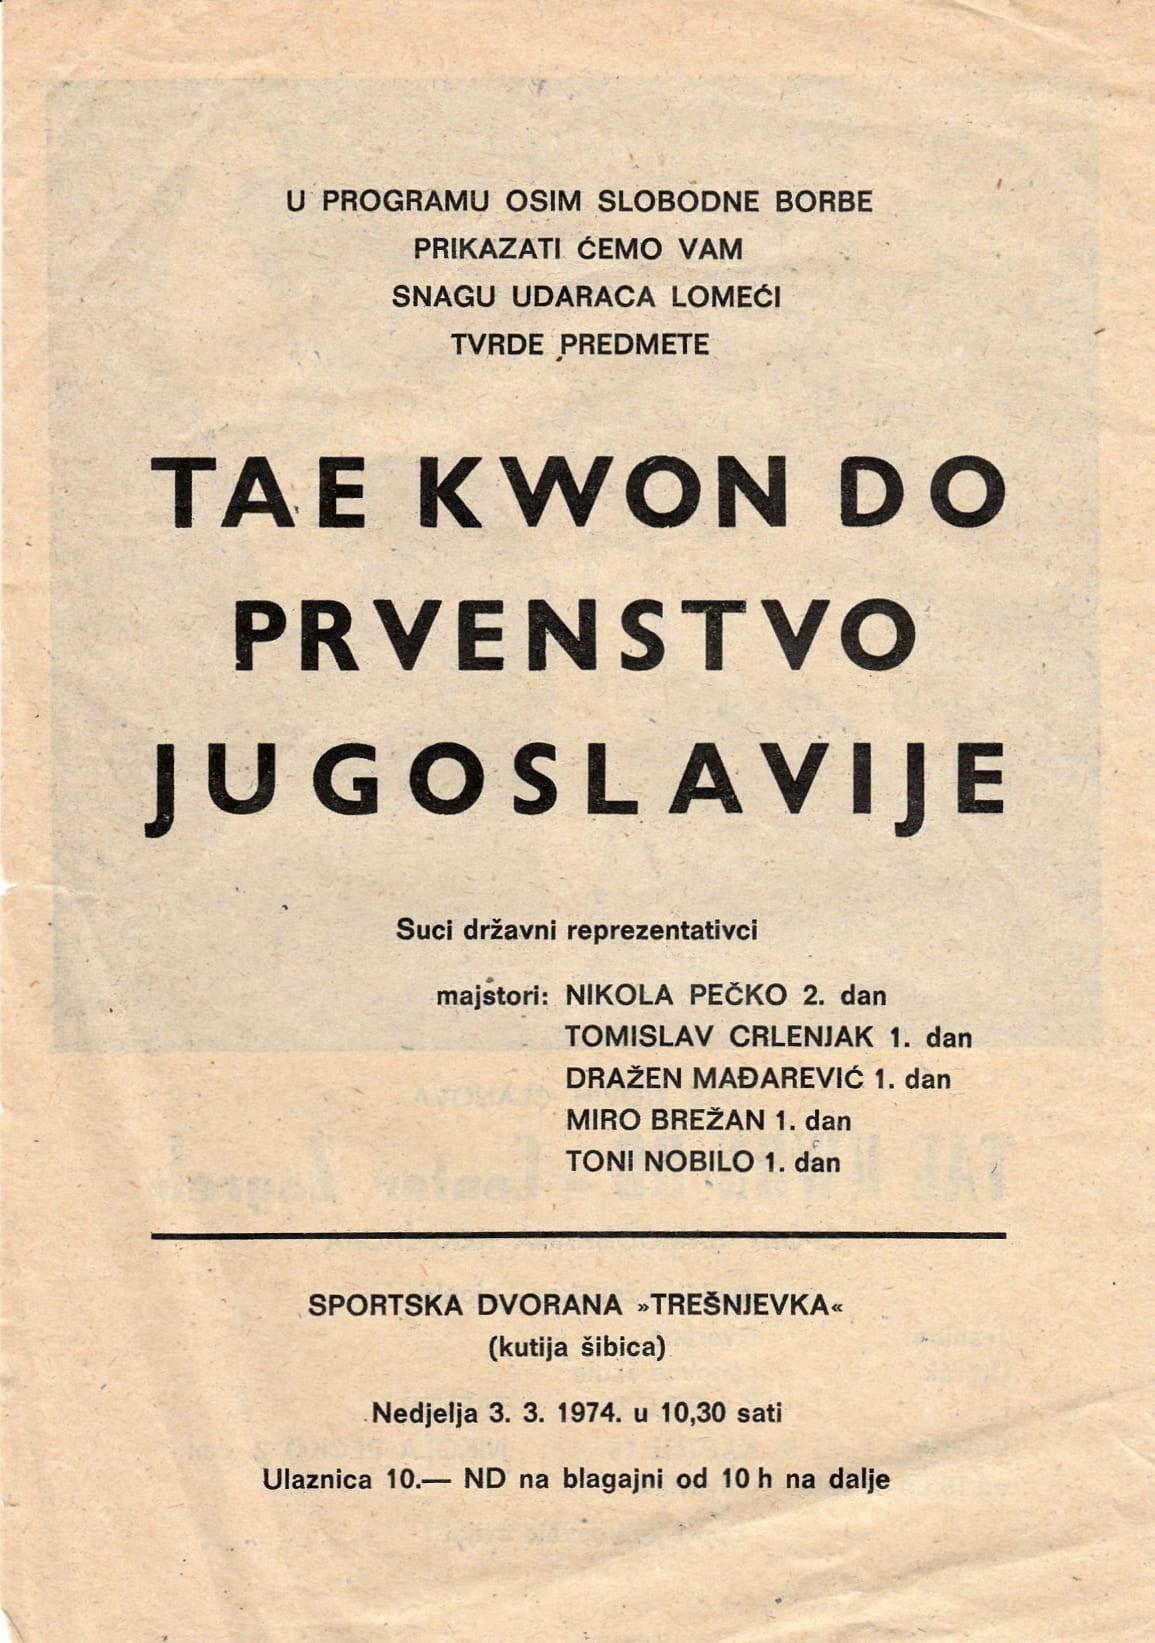 Taekwondo prvenstvo Jugoslavije